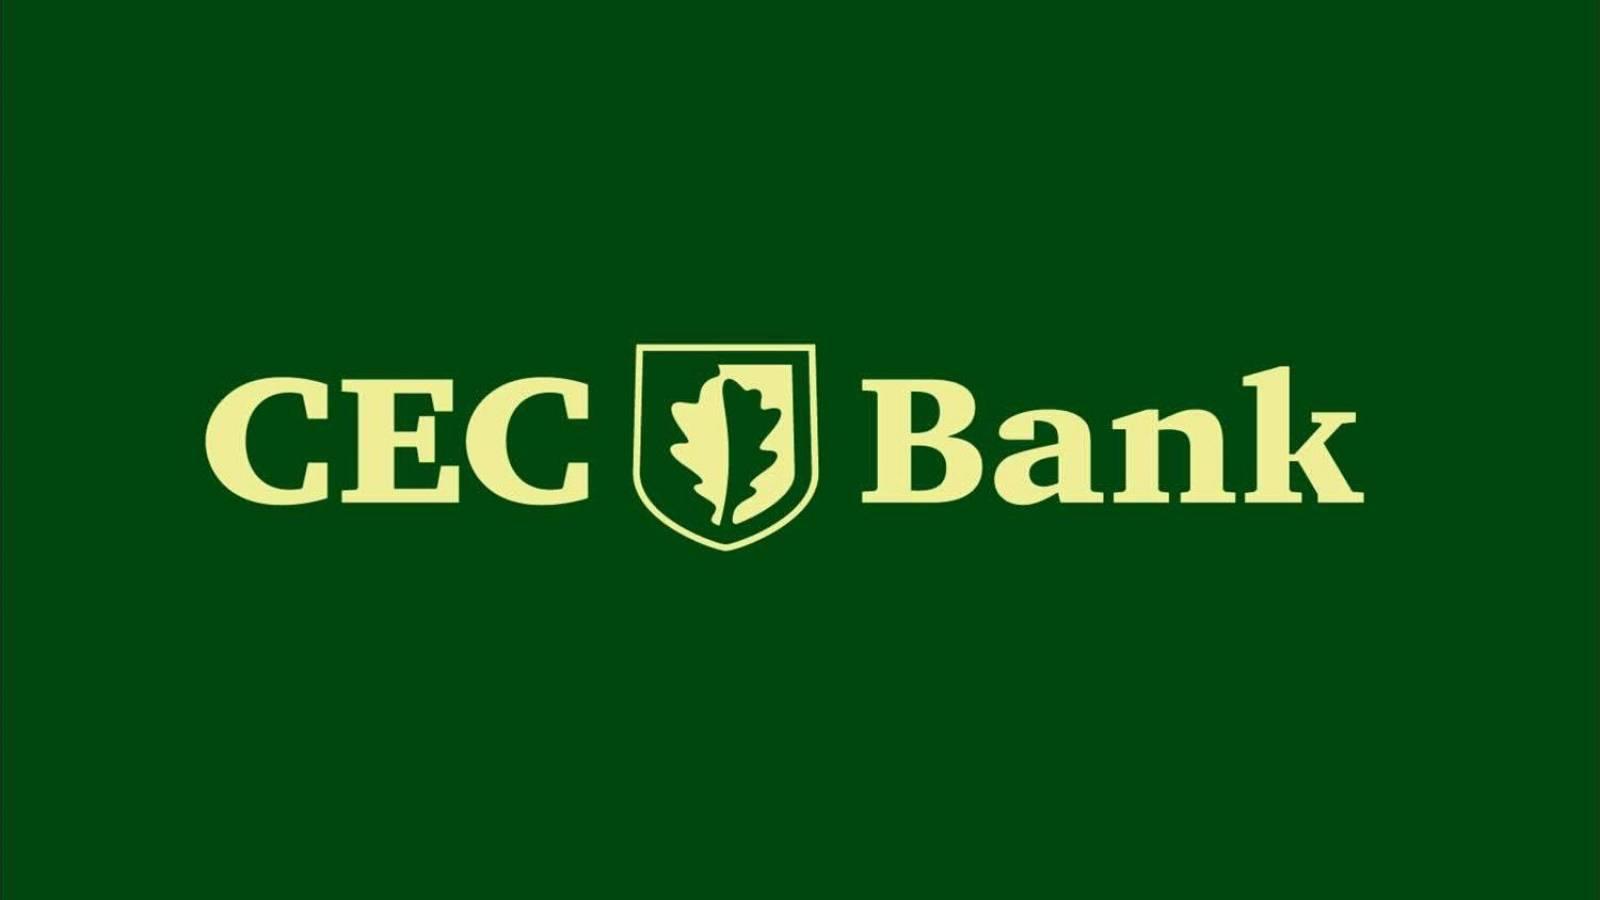 CEC Bank premiere